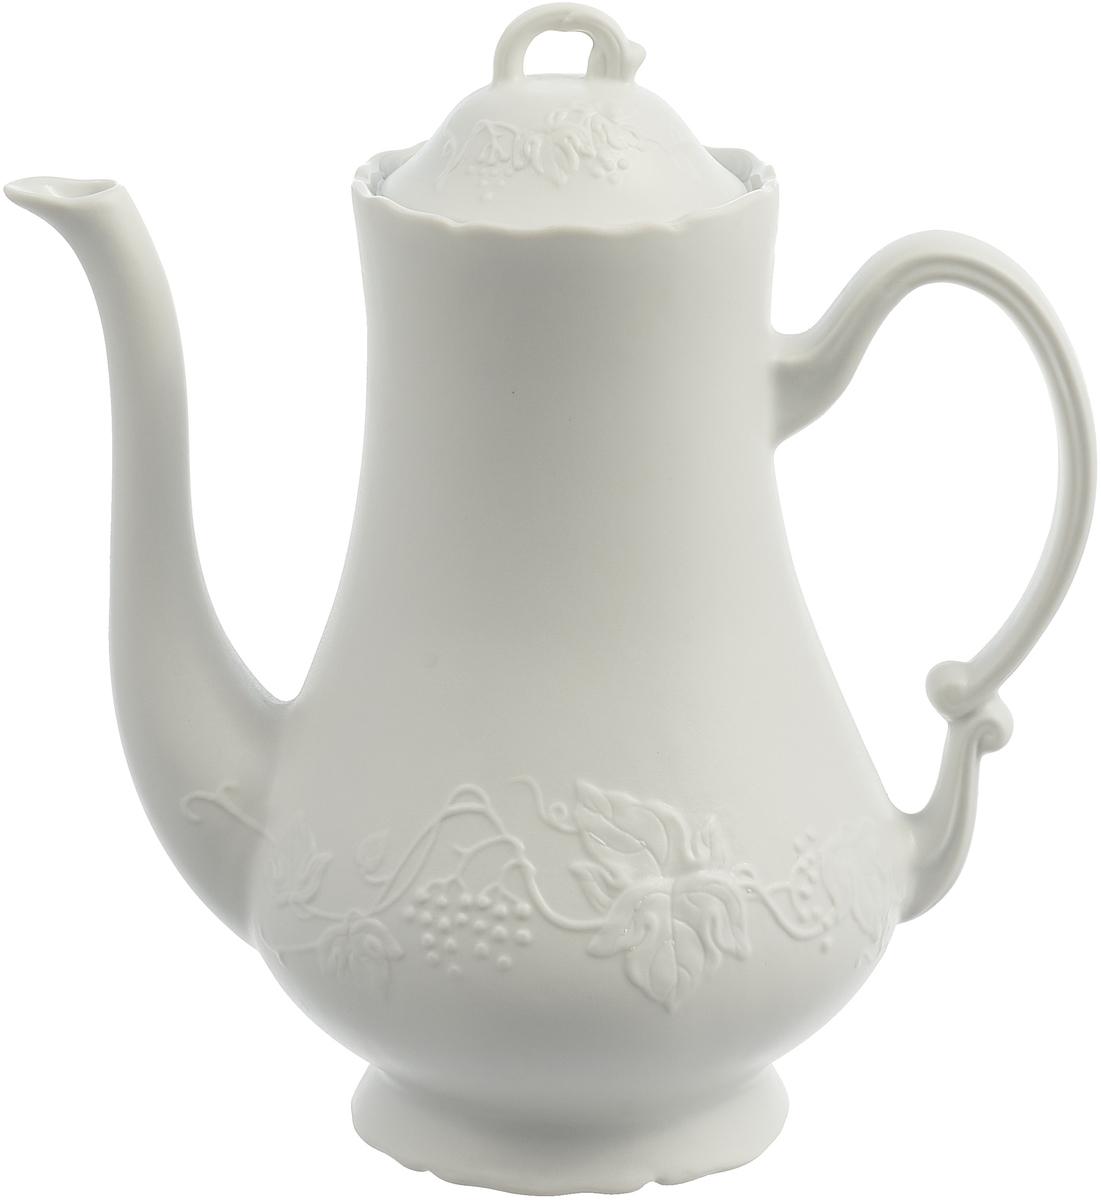 Кофейник La Rose des Sables Blanc, 3102913, белый, 1,3 л чайник заварочный la rose des sables bleu sky 1 7 л